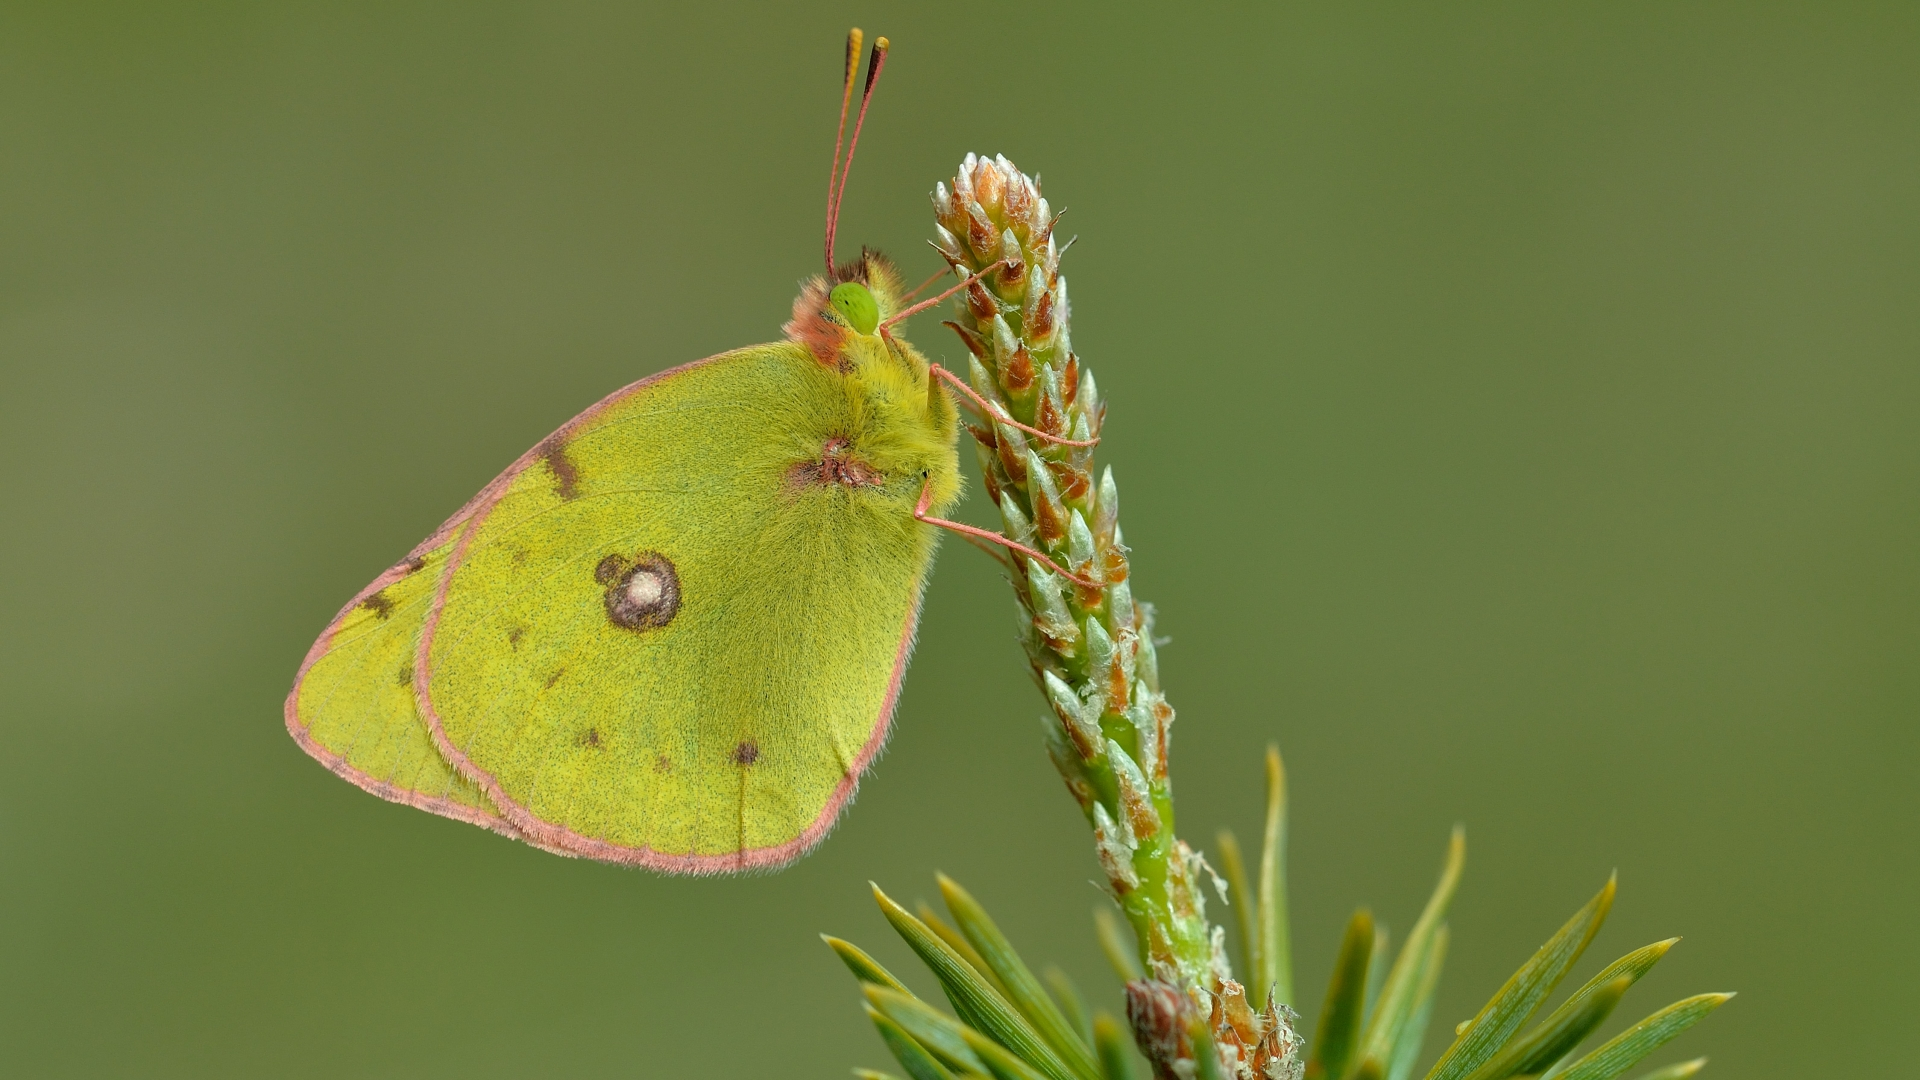 Fotografías macro de mariposas - 1920x1080